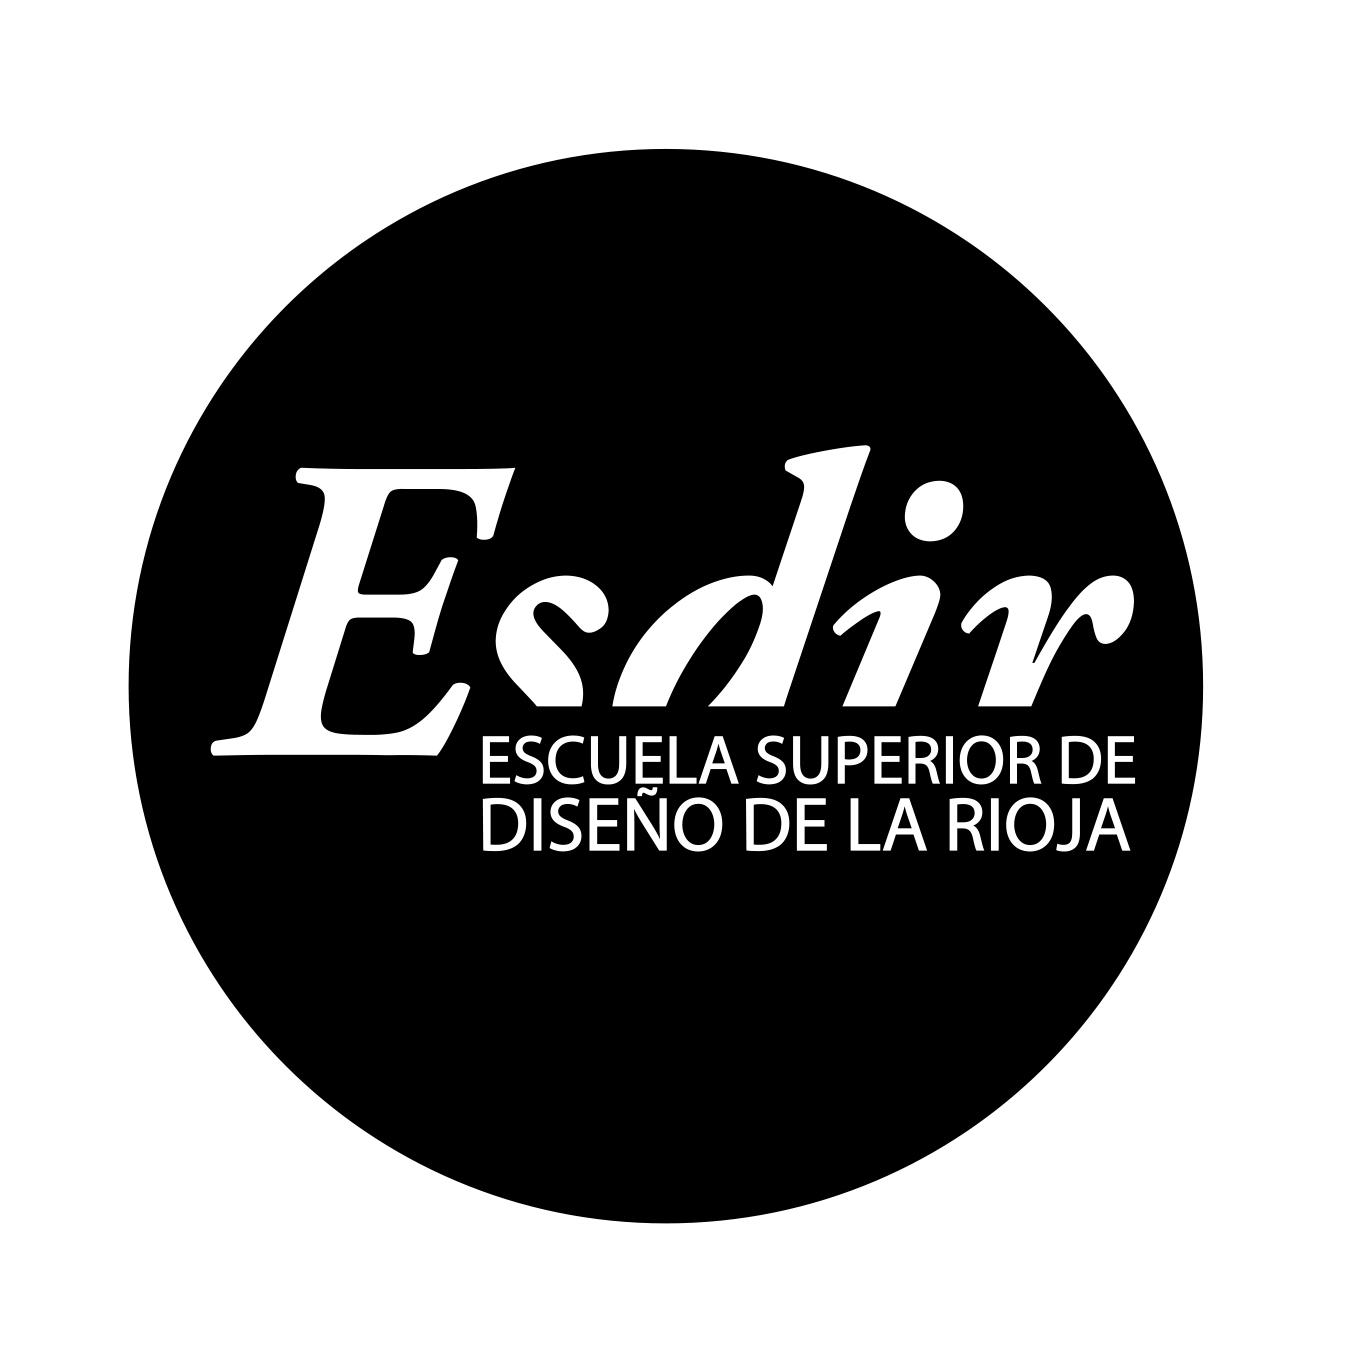 Logo ESDIR jornadas